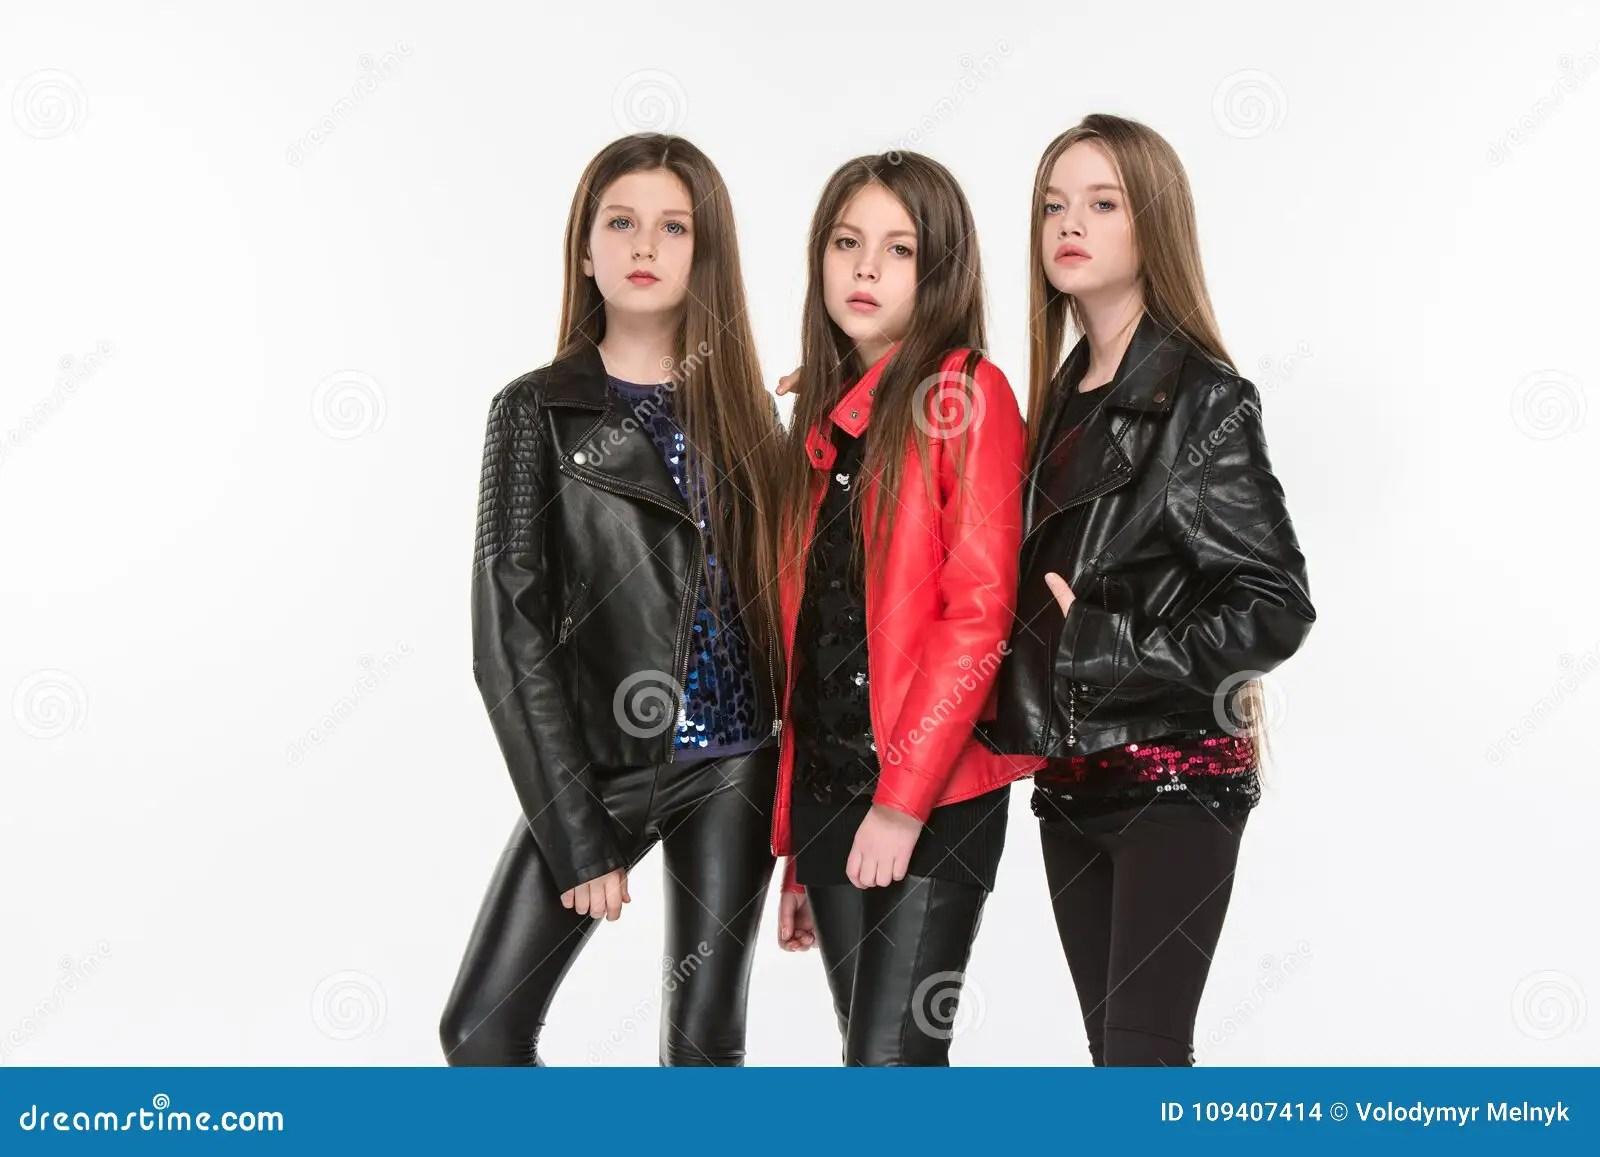 Studio Portrait Of Young Attractive Caucasian Teen Girls